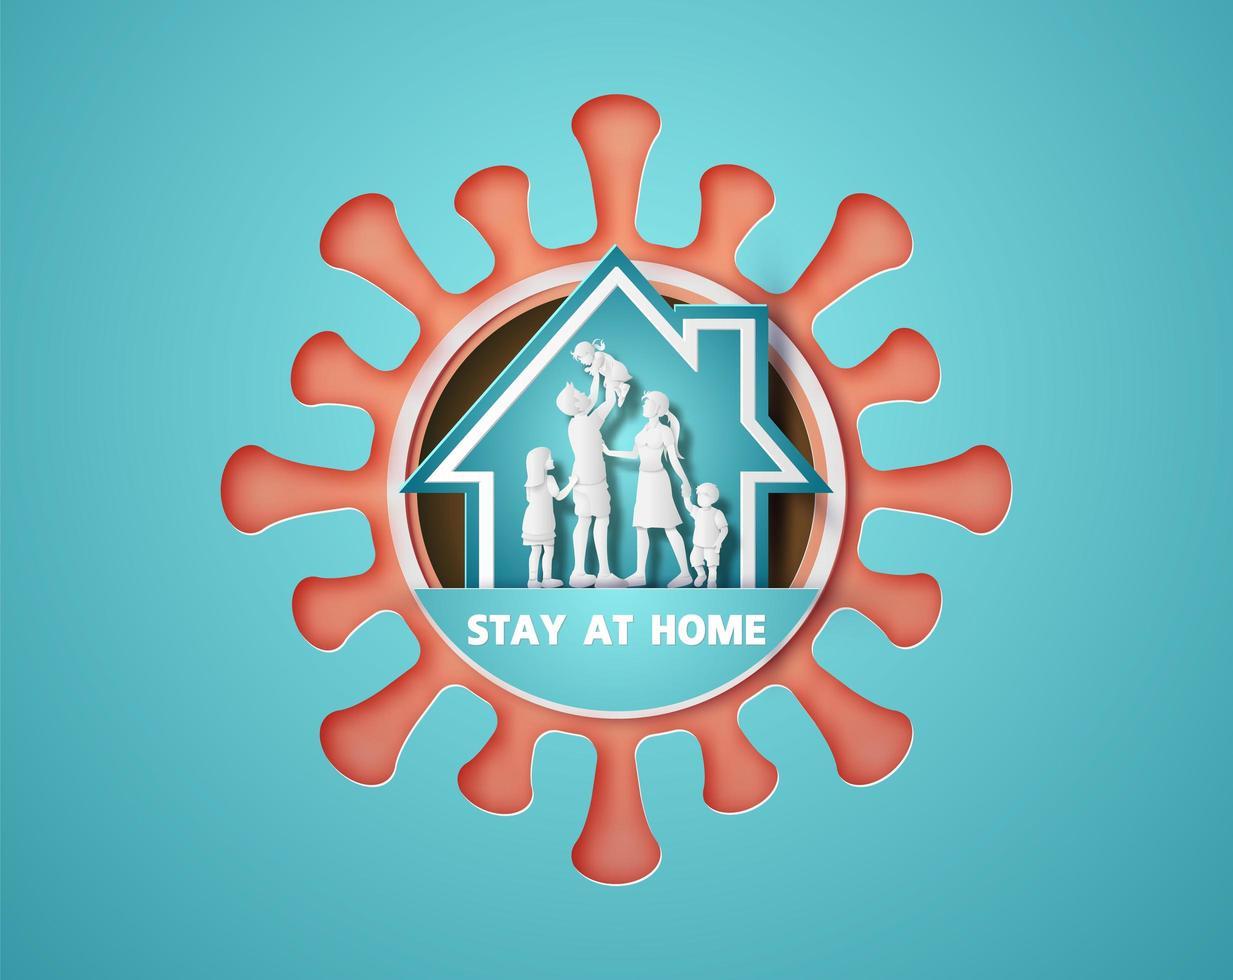 während der Coronavirus-Epidemie zu Hause bleiben. vektor